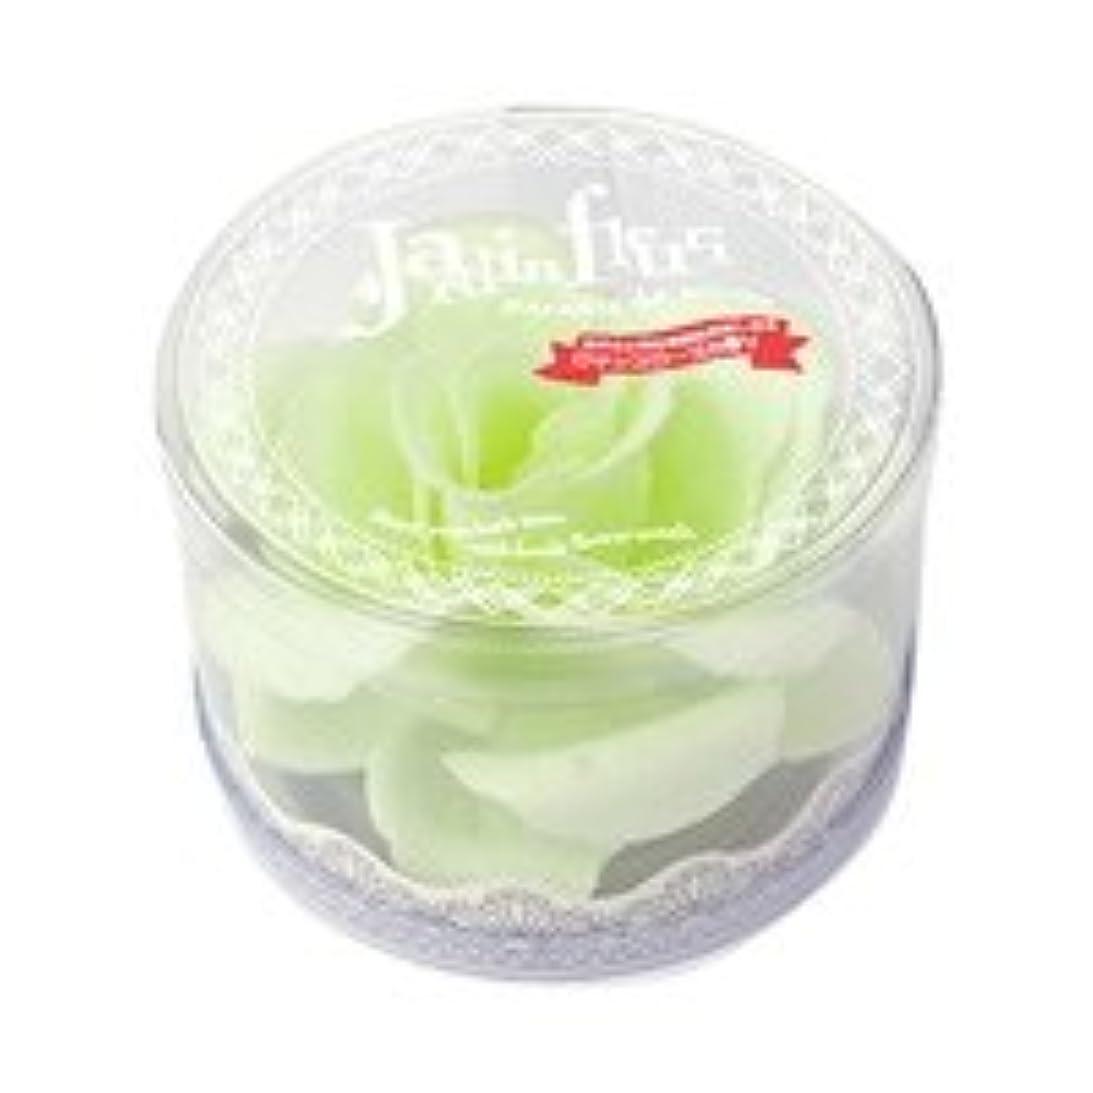 インレイ引退するカブジャンダンフルリ バスペタル ボックス「ペール グリーン」6個セット ロマンスローズの香り